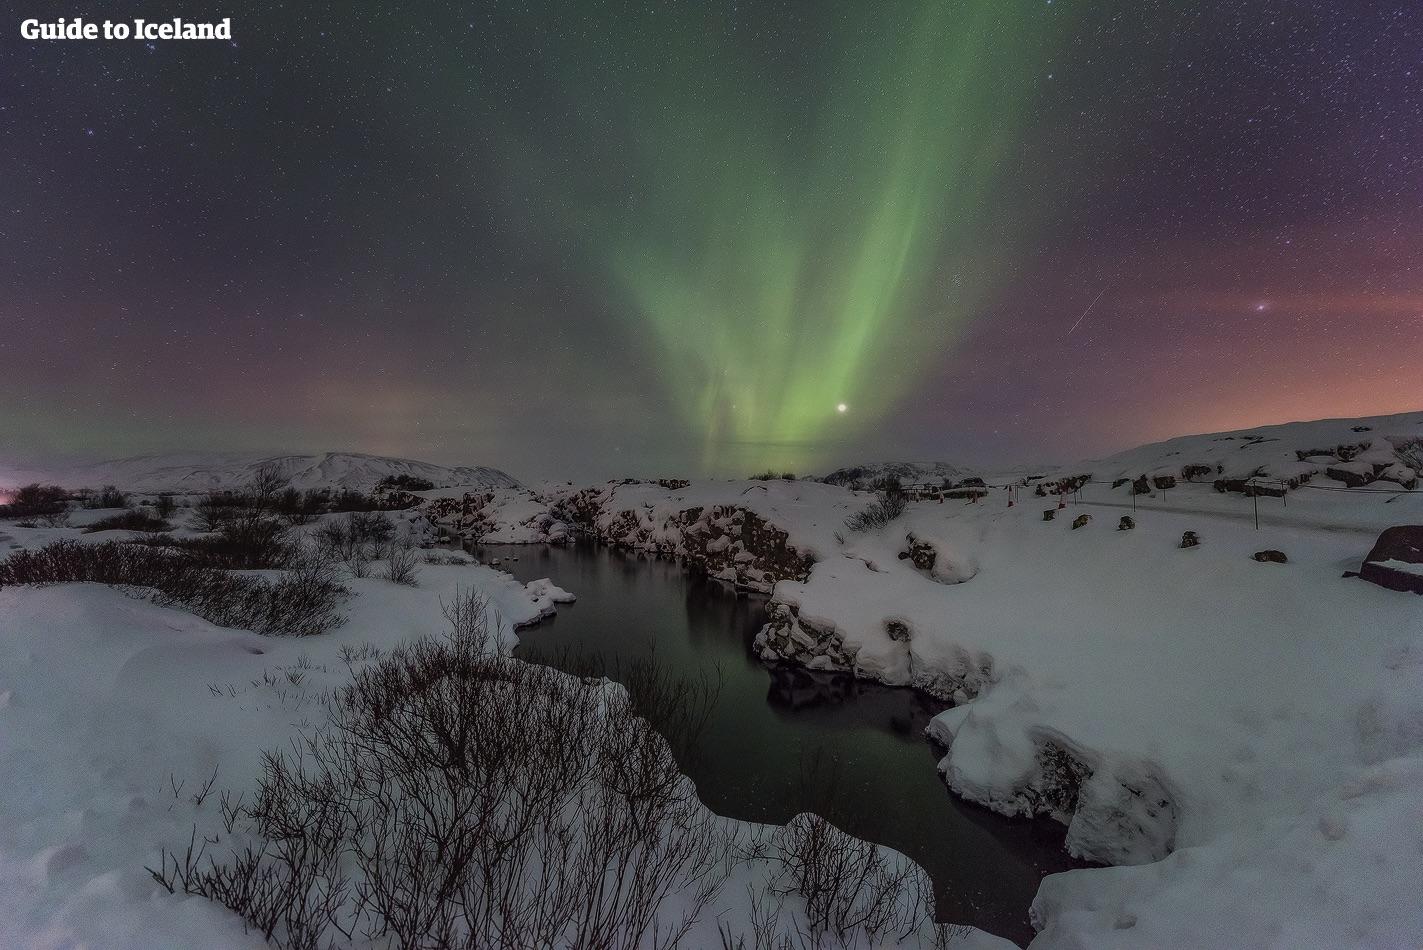 冰岛辛格维利尔国家公园是一处世界文化遗产,也展现了冰岛地质的壮丽与神奇